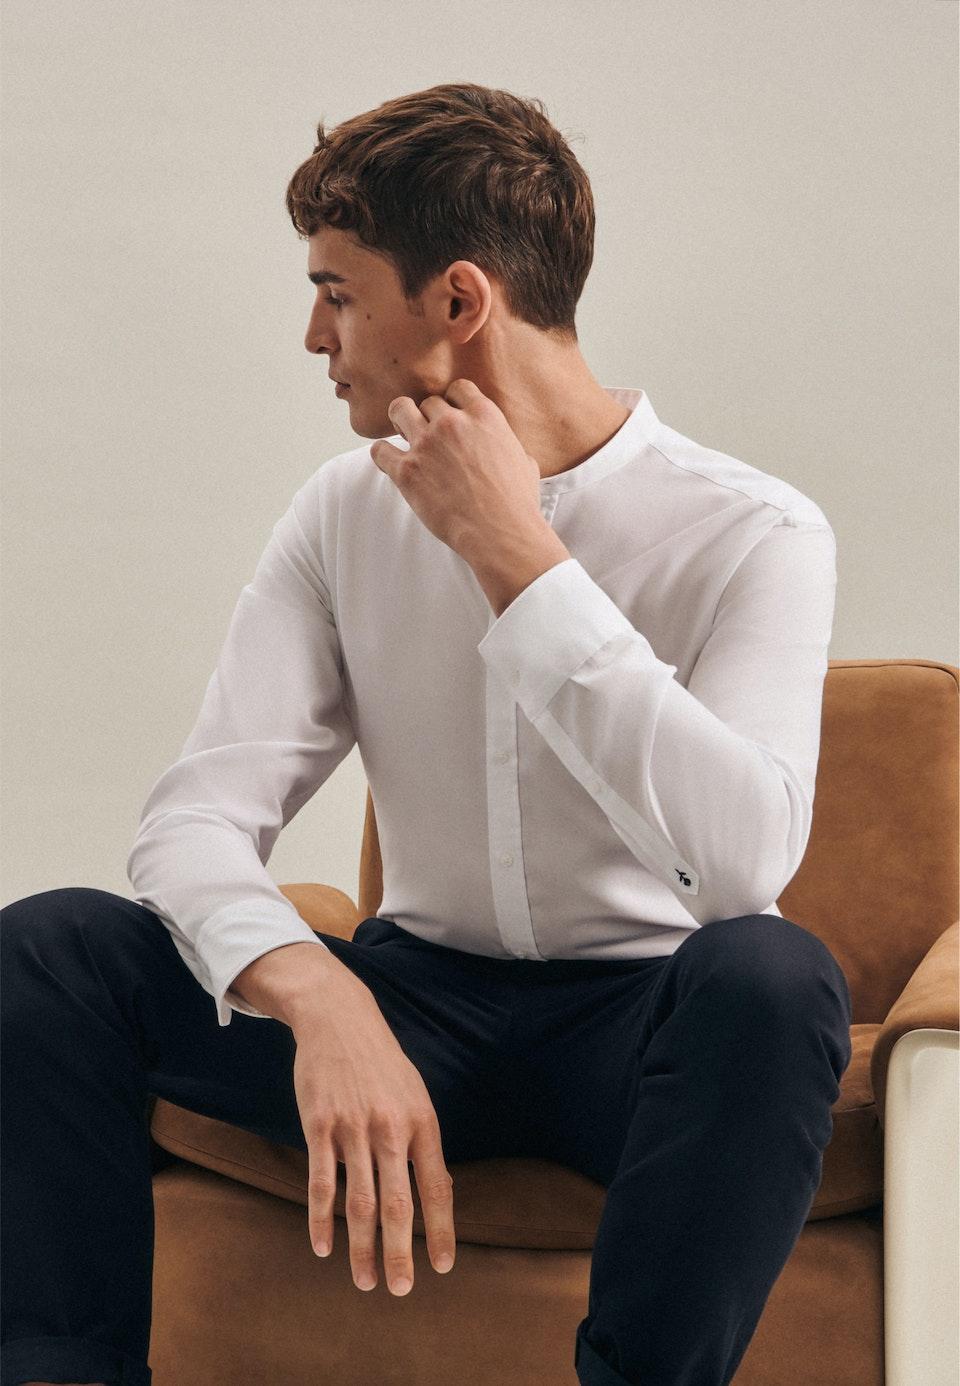 Bügelfreies Twill Business Hemd in Shaped mit Stehkragen in Weiß |  Seidensticker Onlineshop